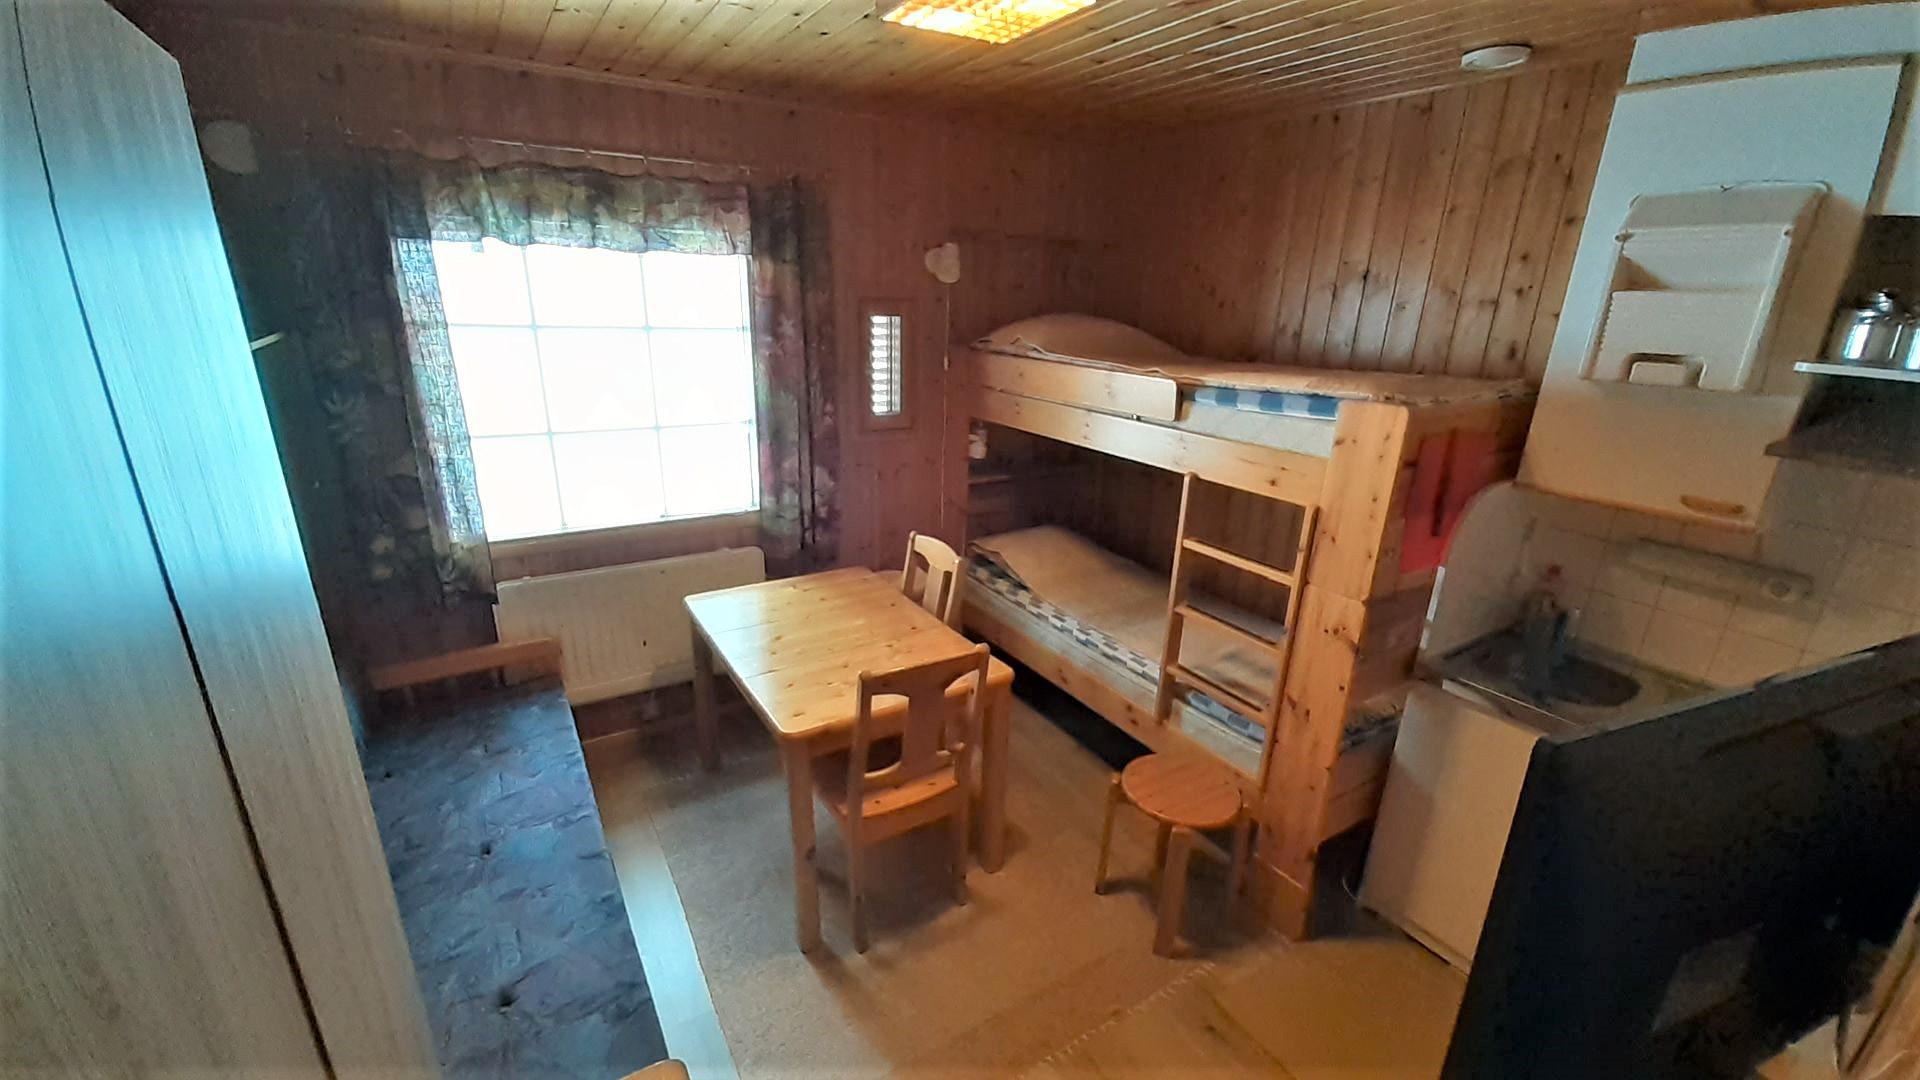 B-siiven pieni huone